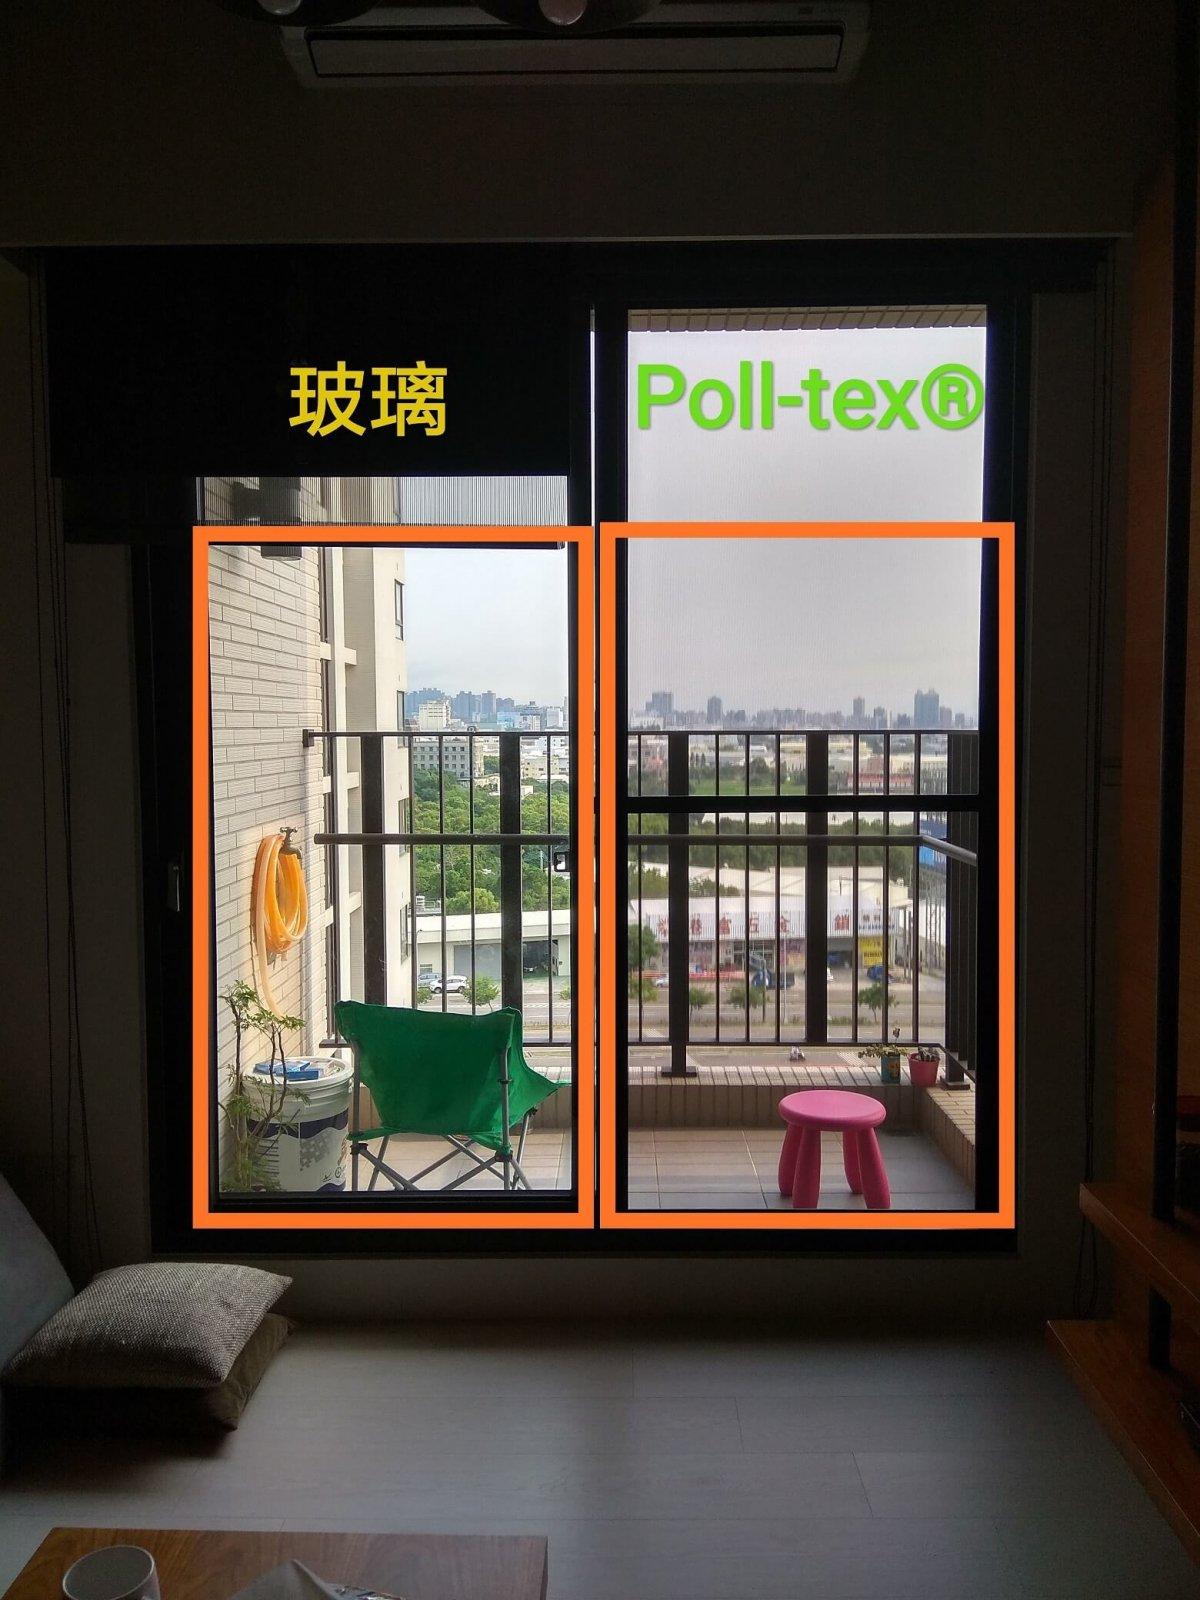 左邊是玻璃右邊是Poll-tex®,PPoll-tex®的透光度與玻璃非常相近